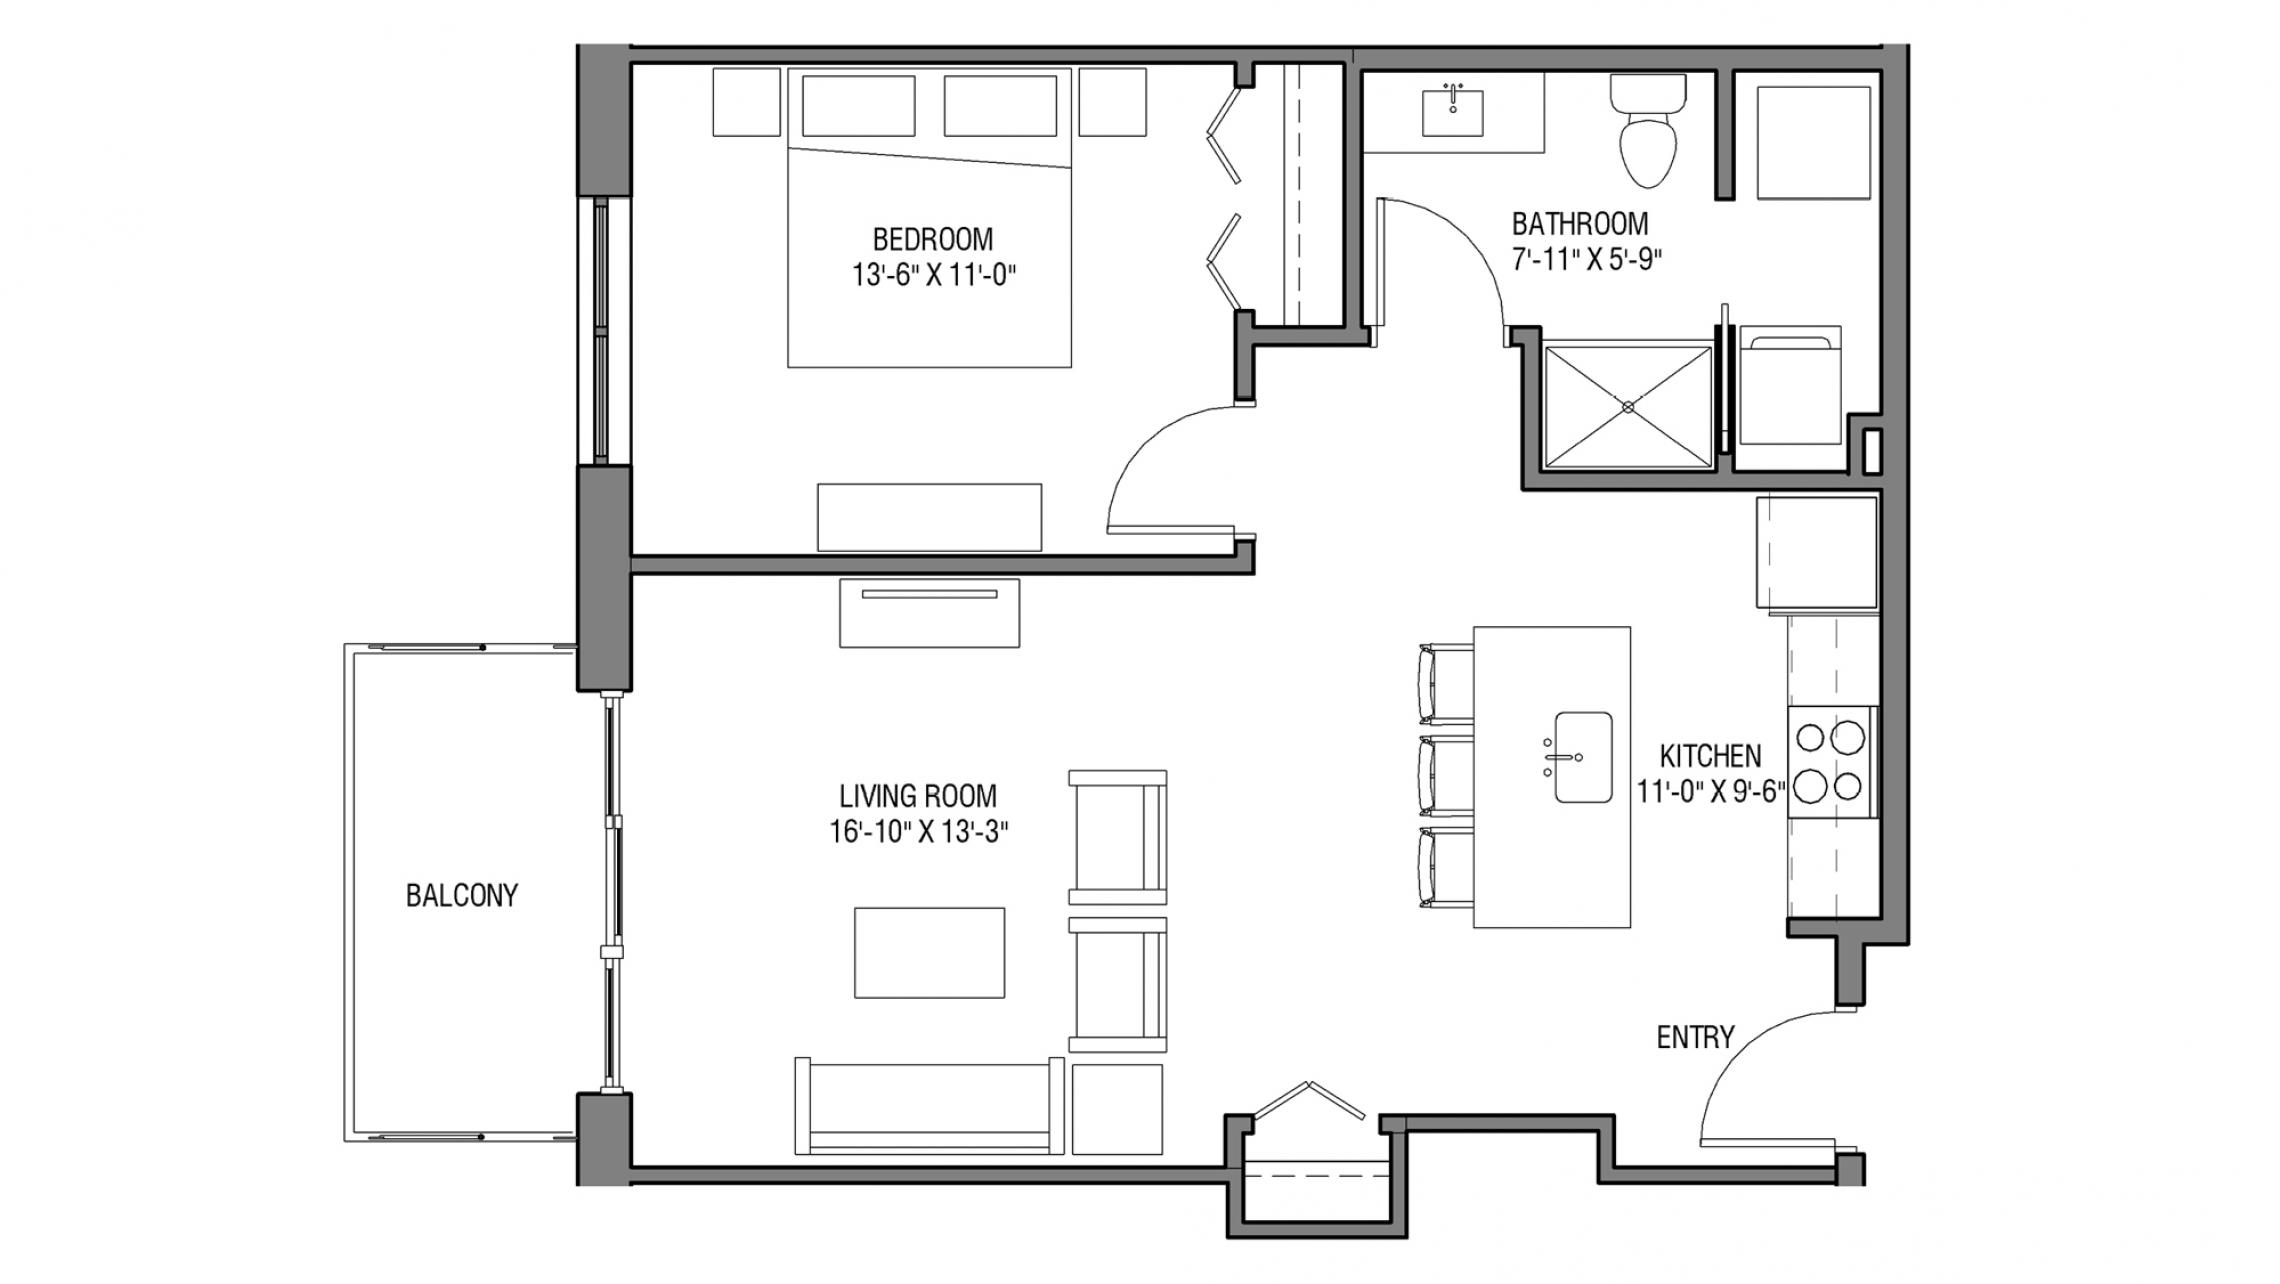 ULI Nine Line 221 - One Bedroom, One Bathroom